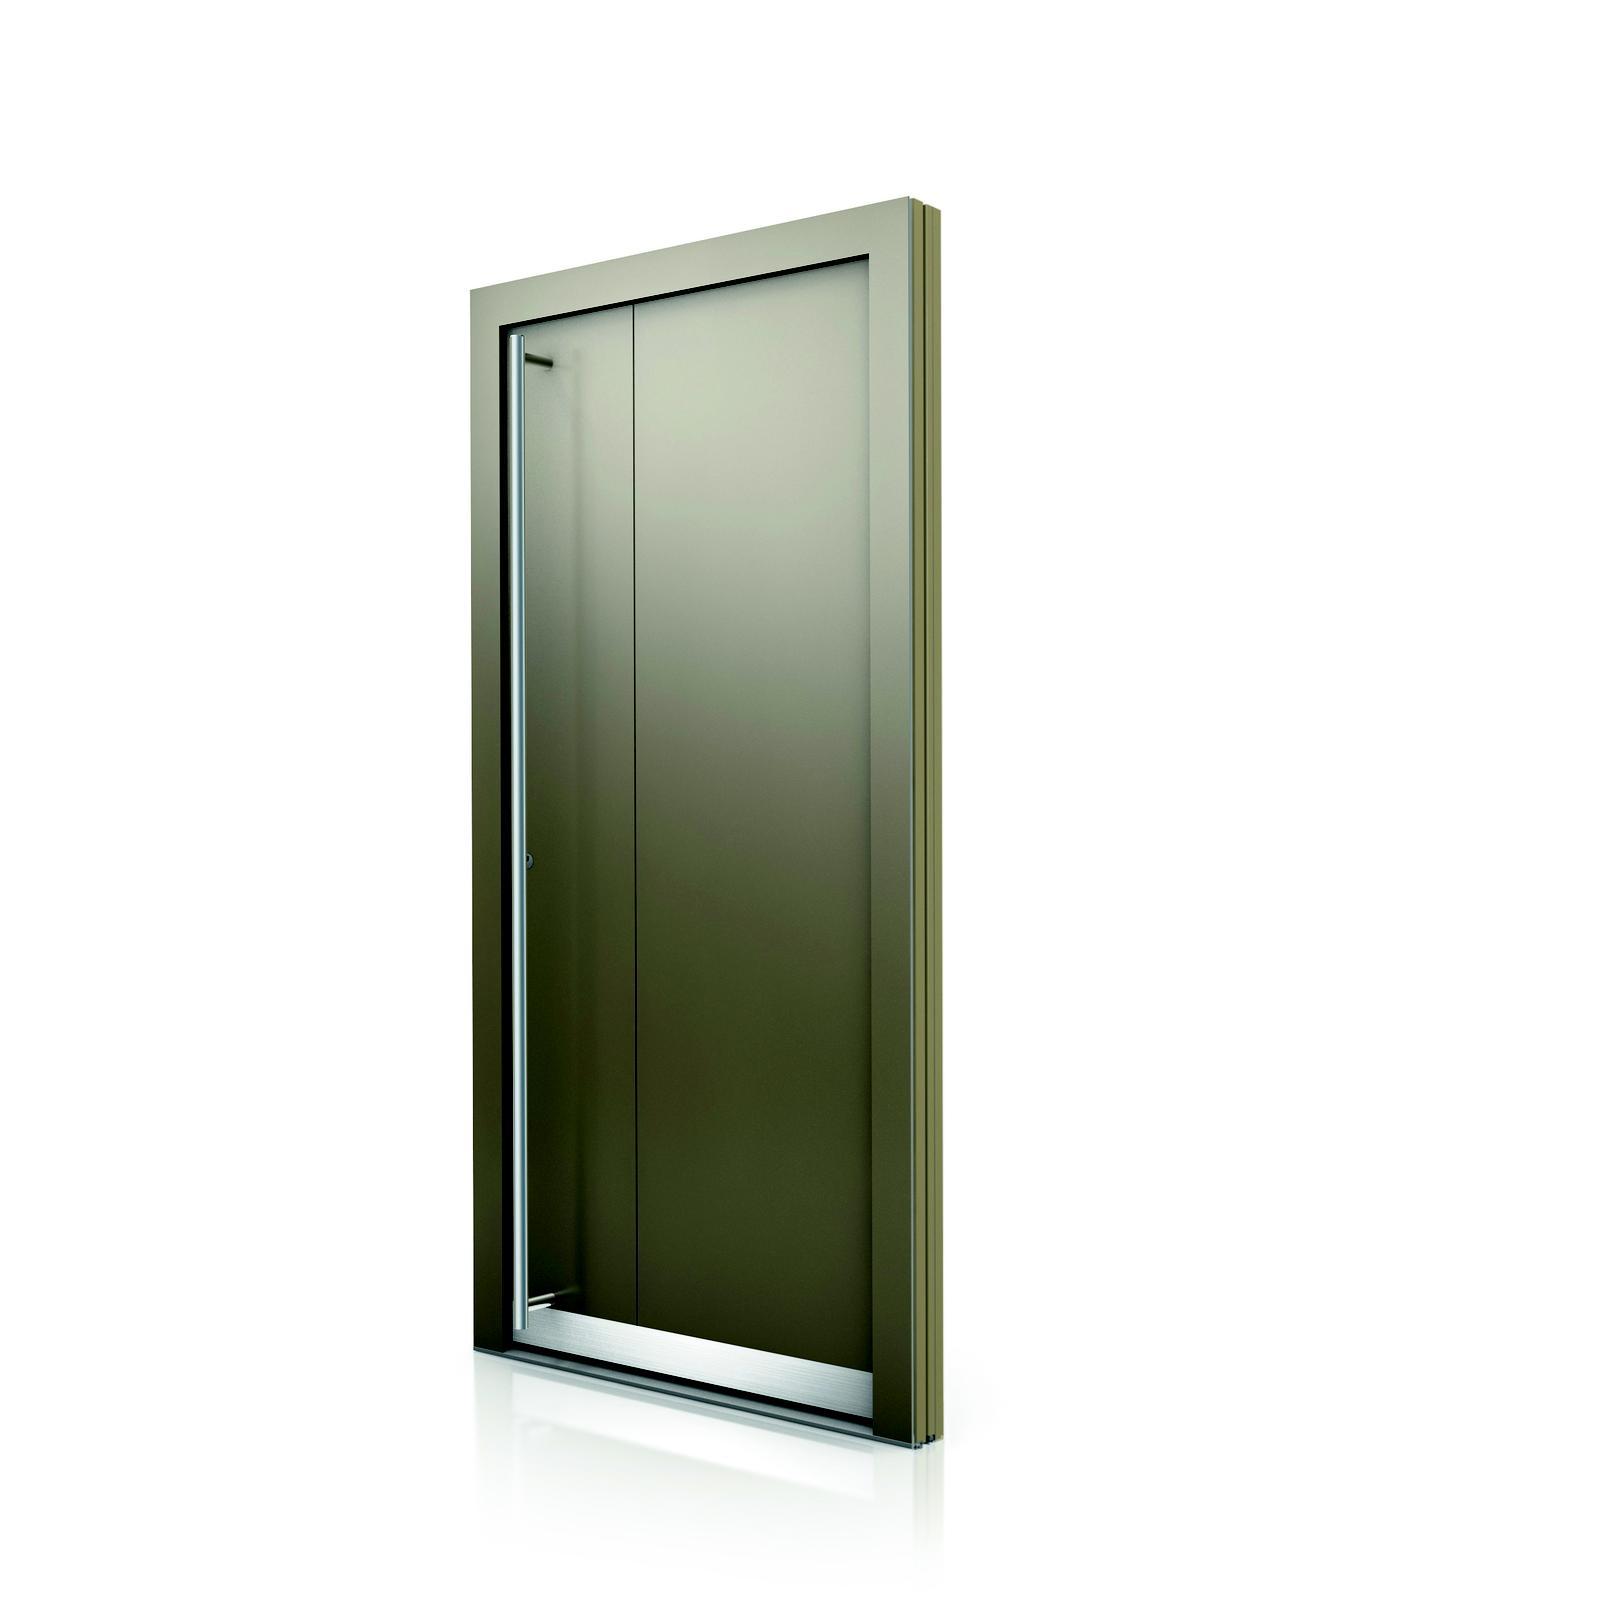 Internorm drevo-hliníkové vchodové dvere HT400 - Obrázok č. 2